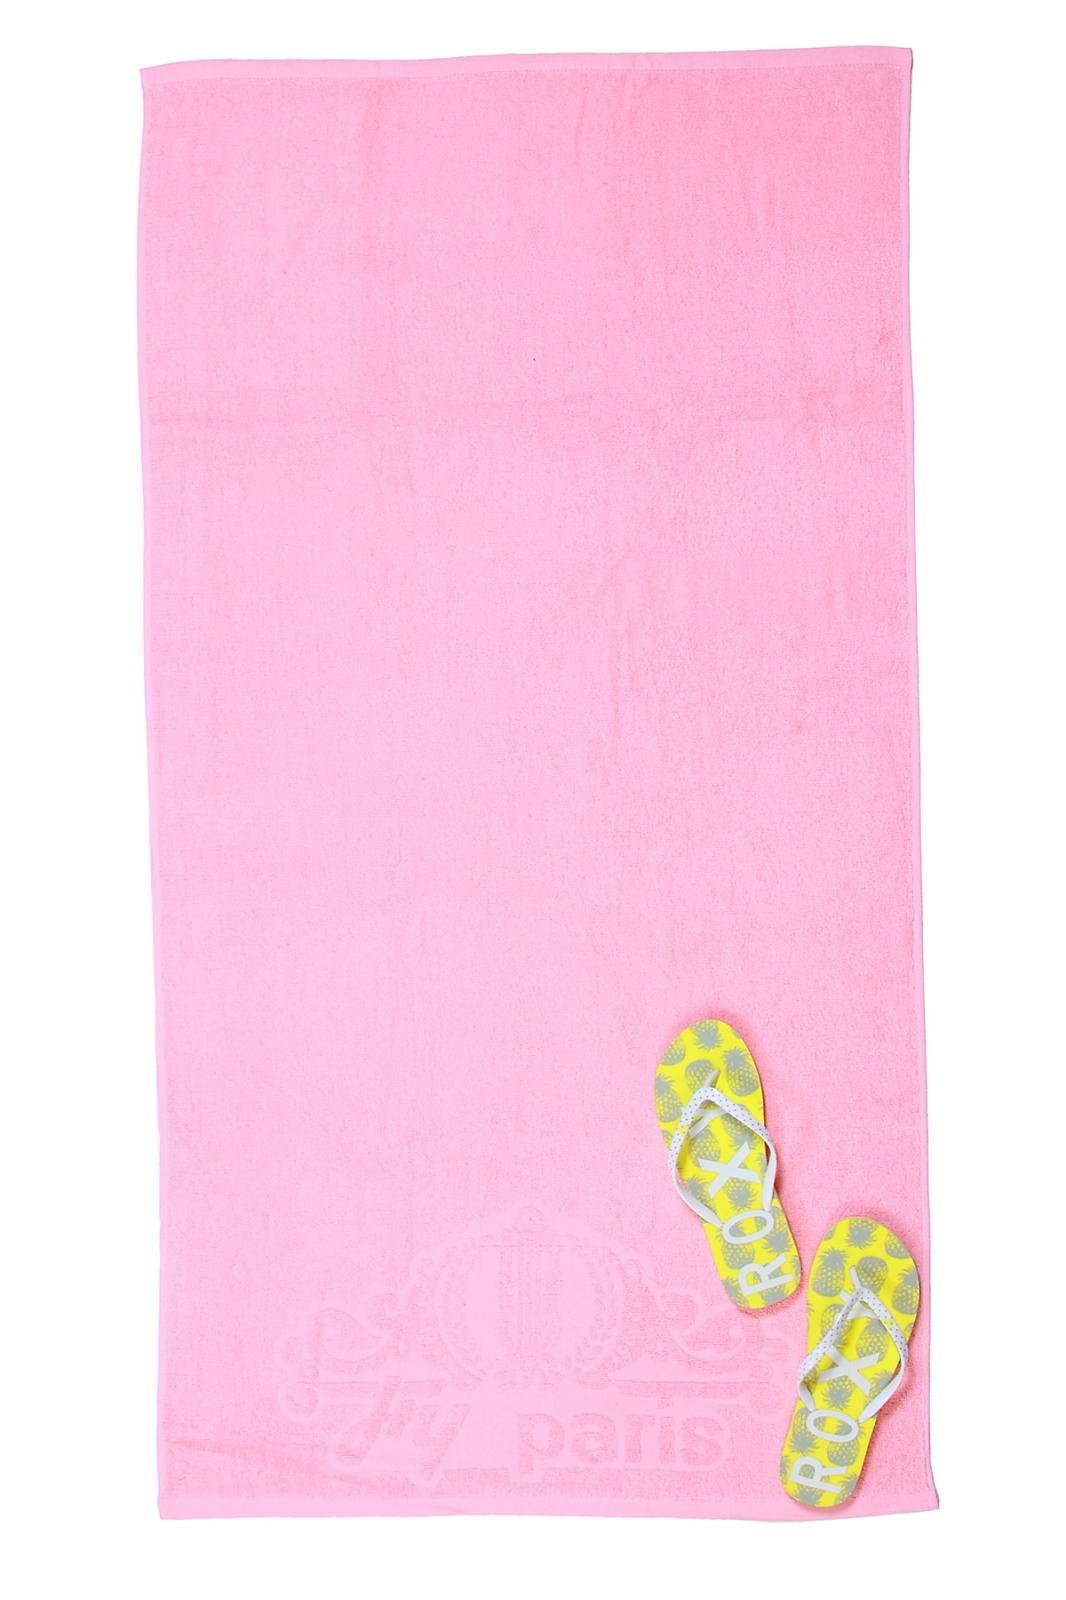 Оптовые поставки розовых махровых полотенец с доставкой